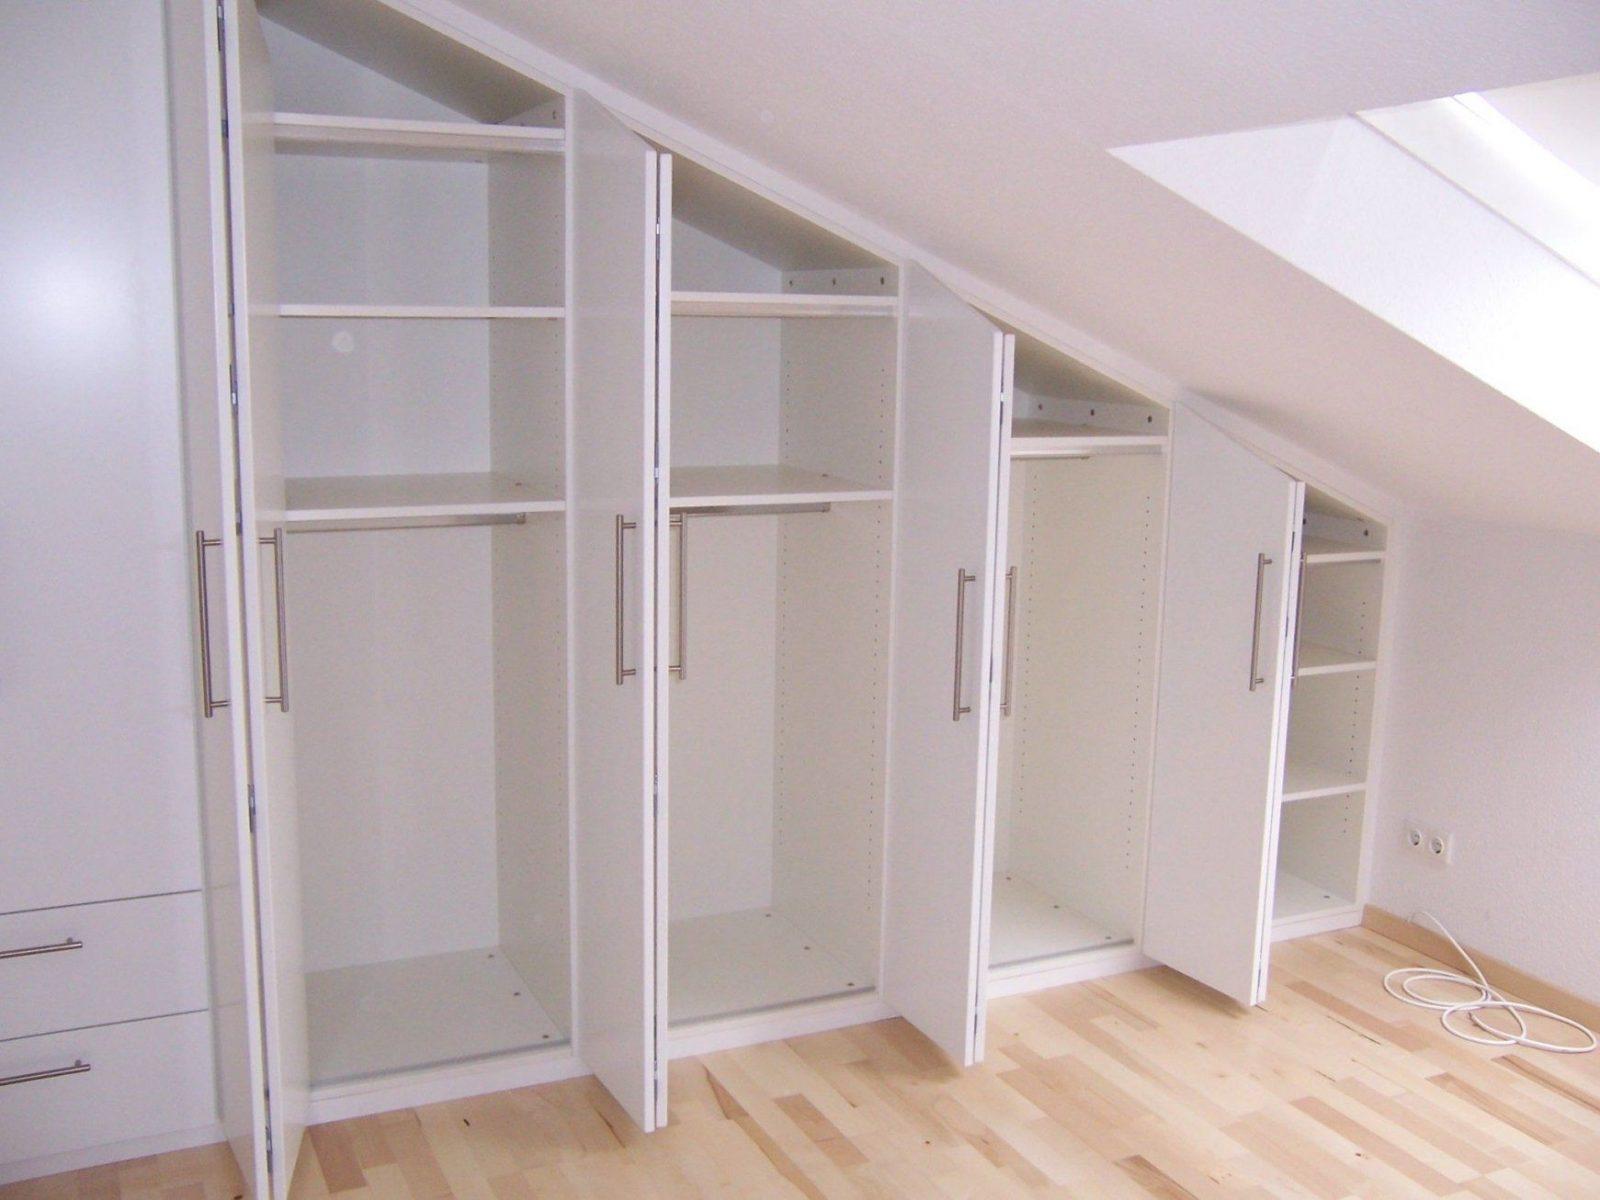 regal nische selber bauen good weinregal selber bauen design ideen zum entnehmen with regal. Black Bedroom Furniture Sets. Home Design Ideas